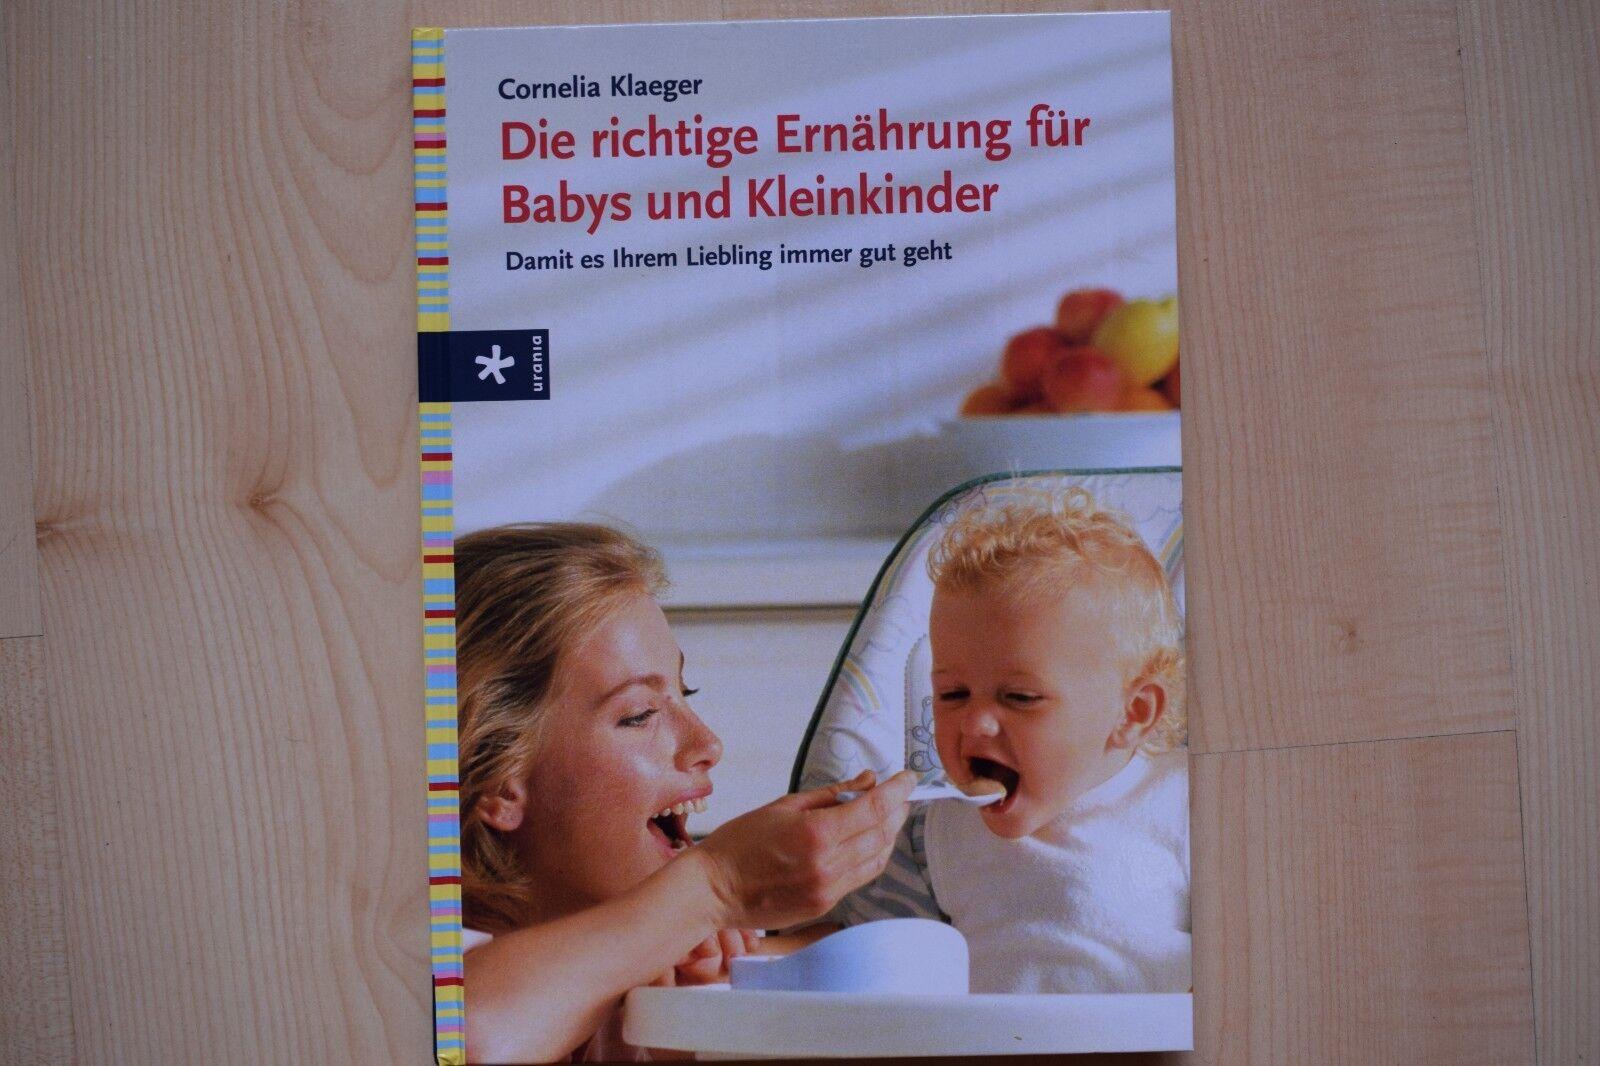 Das Buch: Die richtige Ernährung für Kleinkinder und Babys